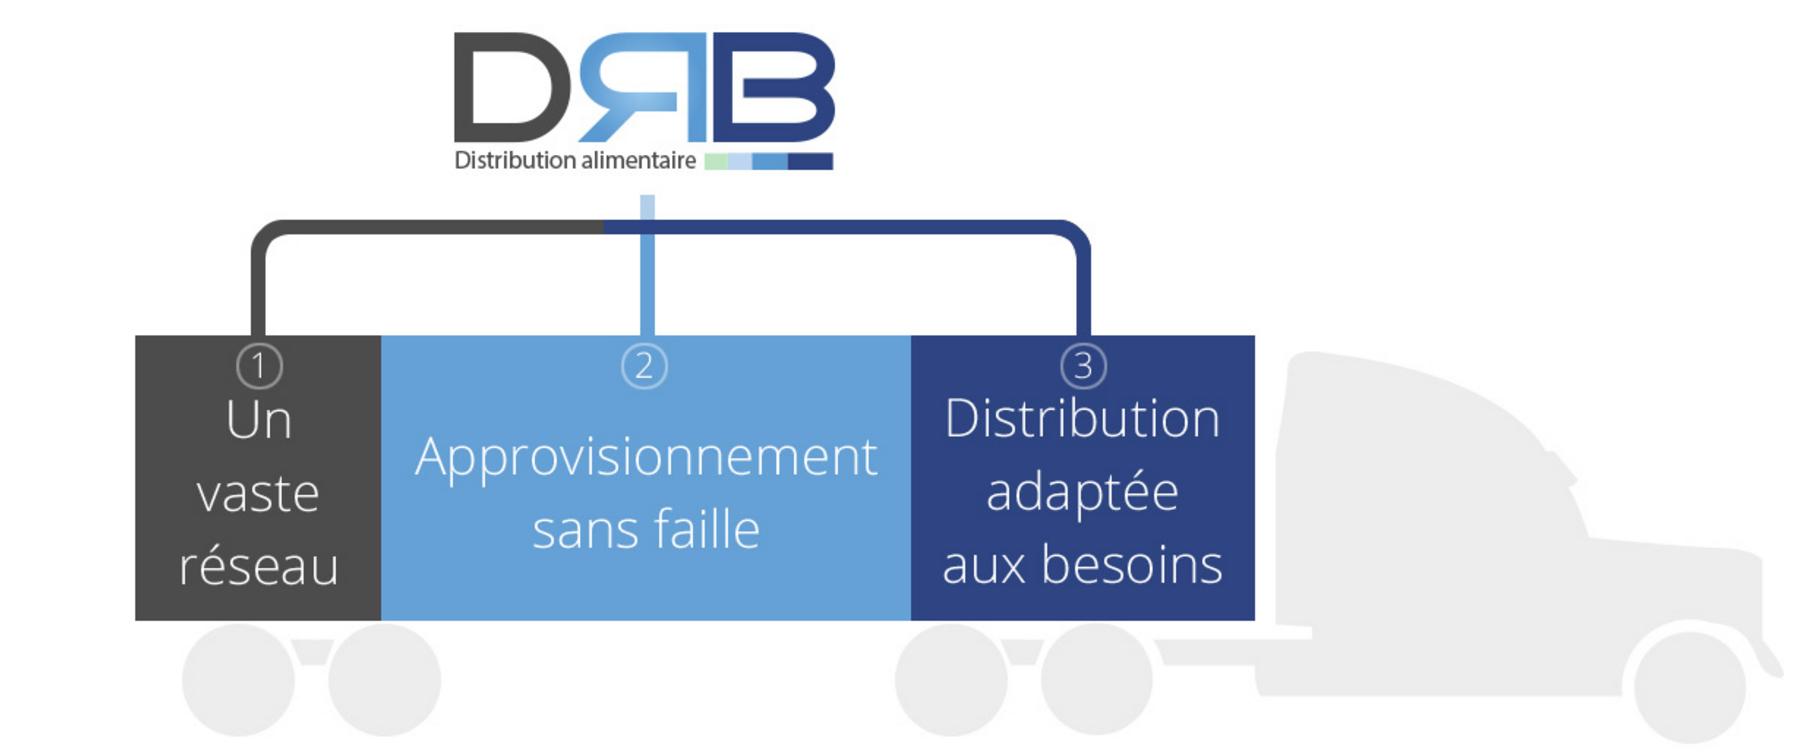 DRB Distribution à Sainte-Claire